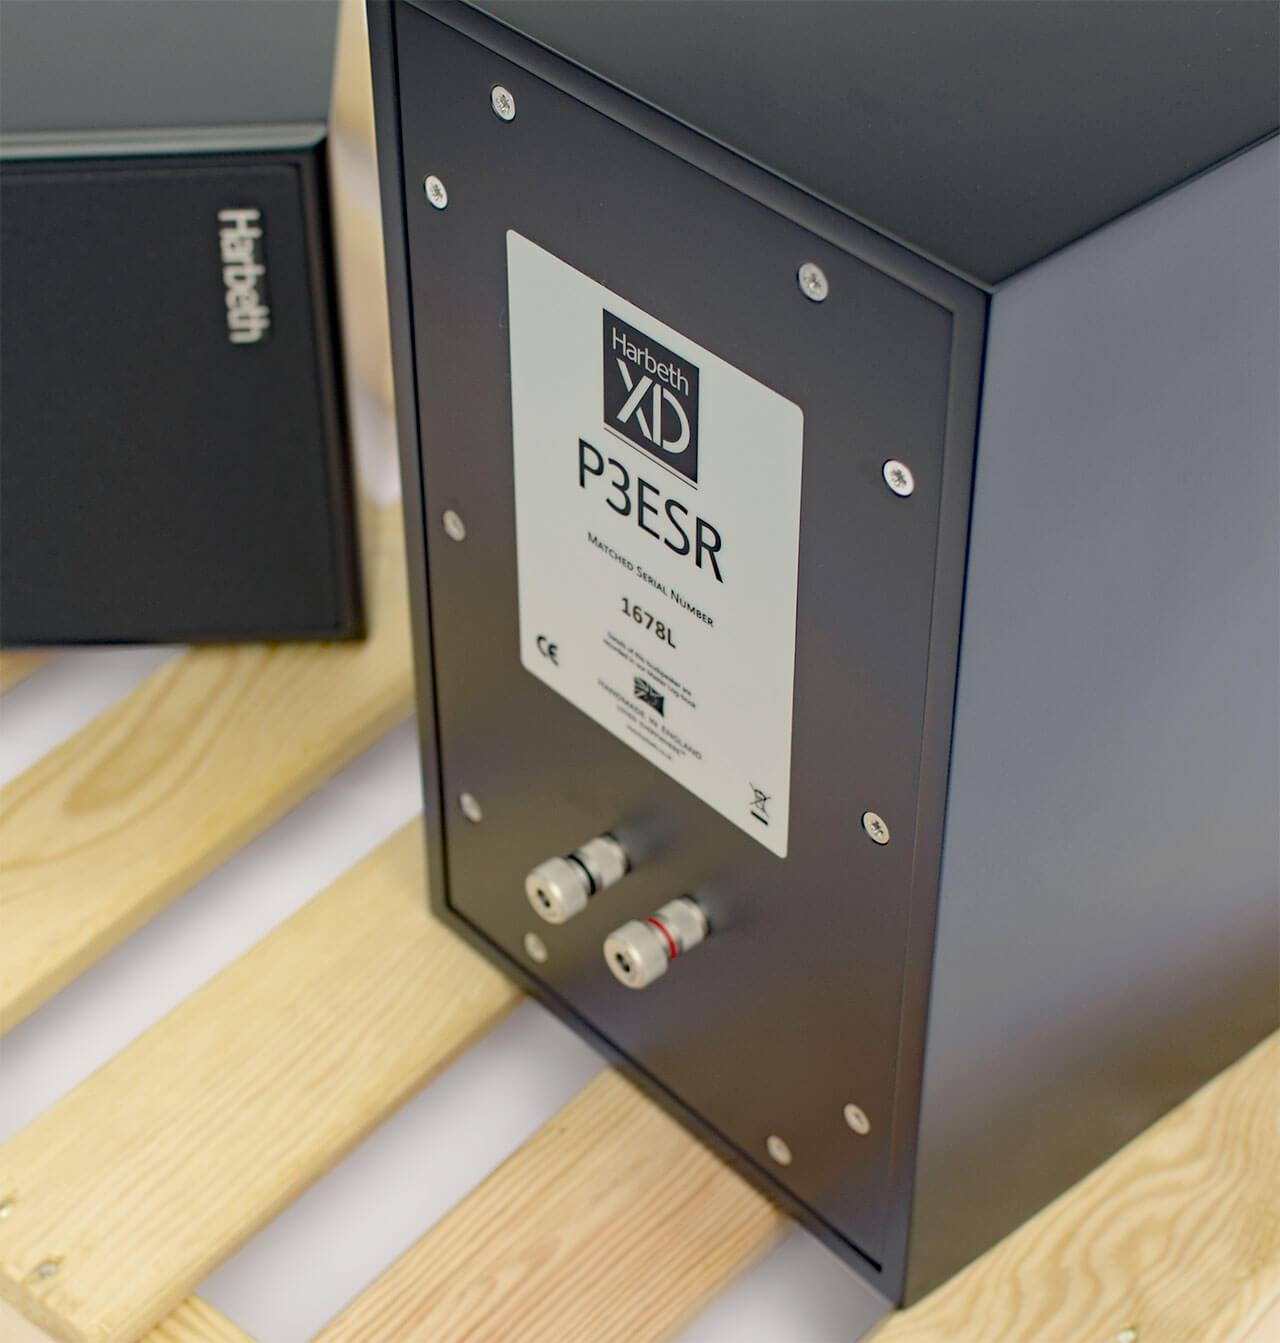 Harbeth P3ESR XD: geschlossener Kompaktlautsprecher